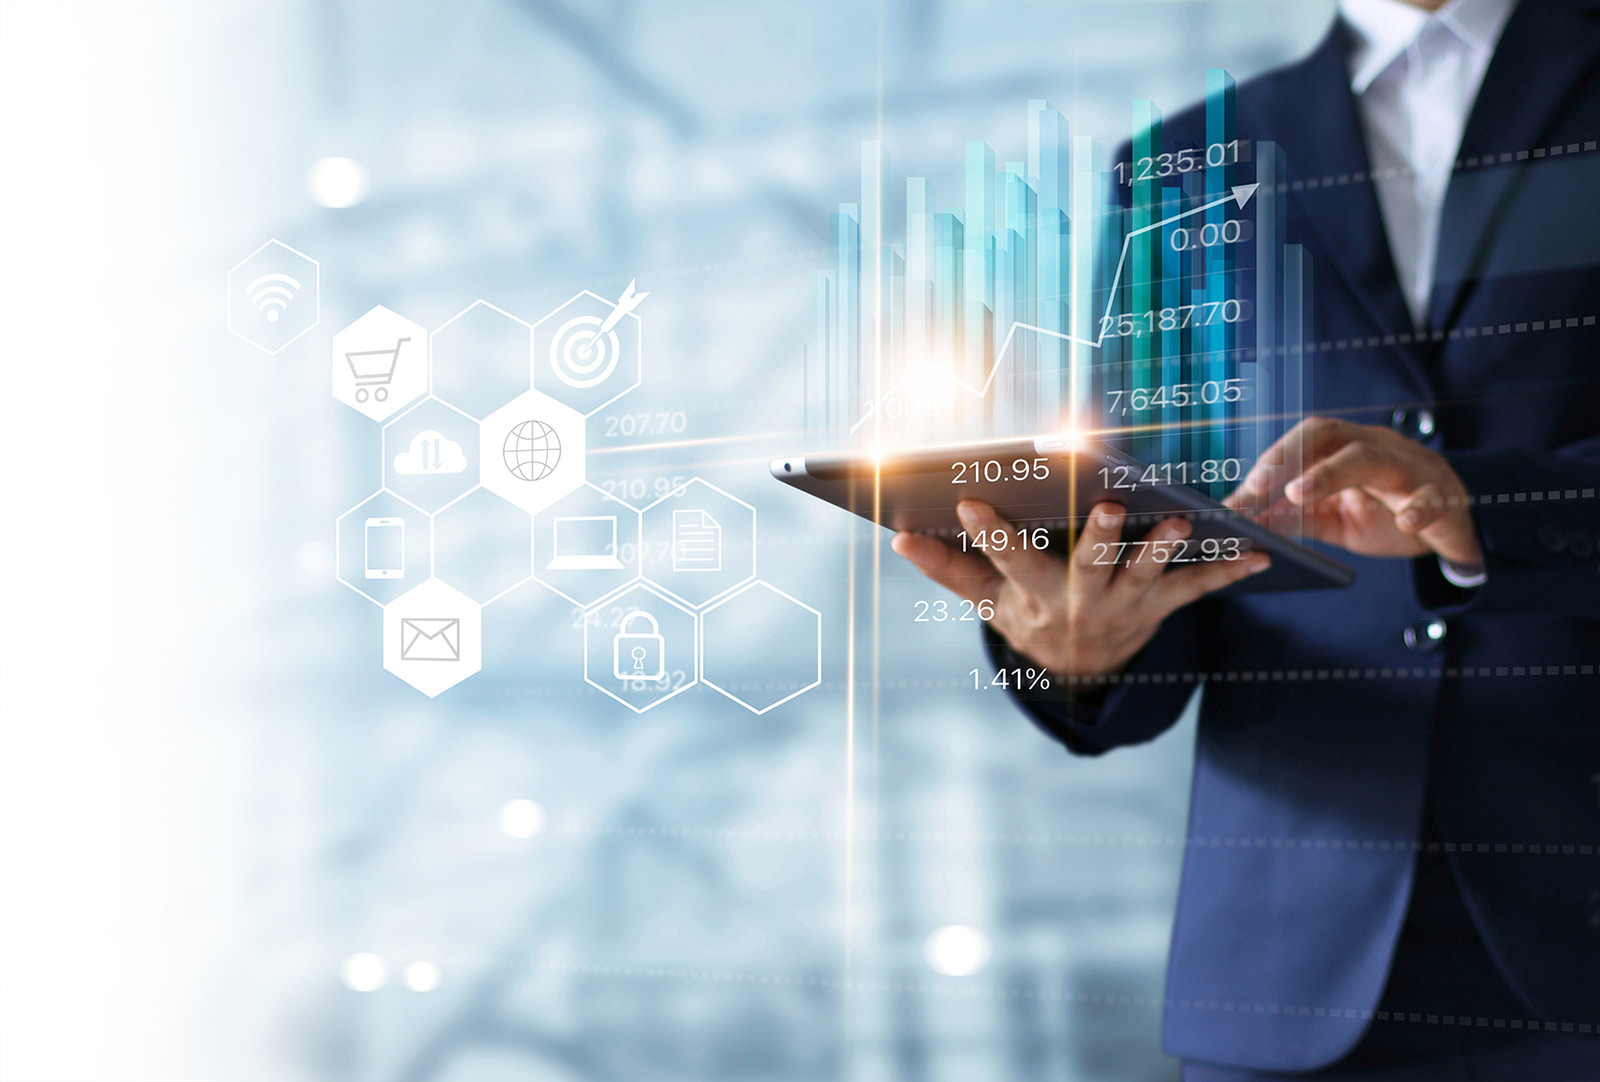 Бесплатный вебинар: Бизнес как система – как пробить финансовый потолок